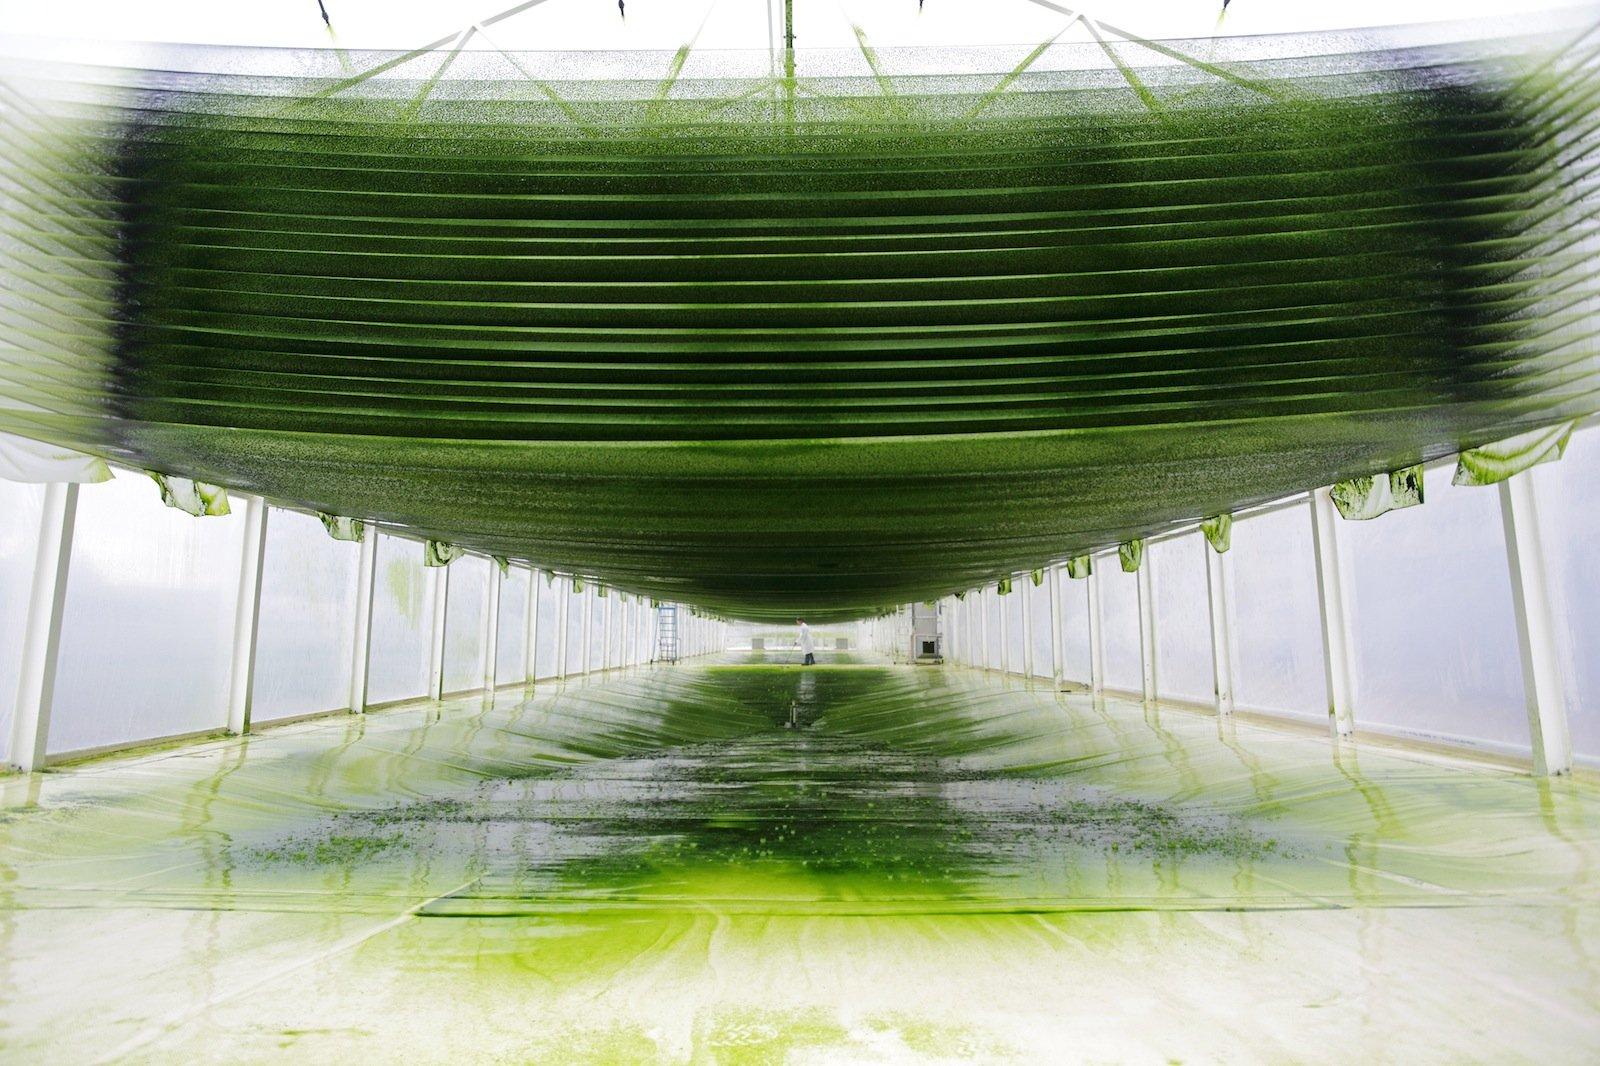 Algen sind derzeit ein beliebtes Untersuchungsobjekt. Im Forschungszentrum Jülich beispielsweise wurde 2014 das Algen Science Center in Betrieb genommen. Hier wird zum Beispiel die Produktion von Algen und deren Umwandlung zu Biokerosin unter die Lupe genommen.